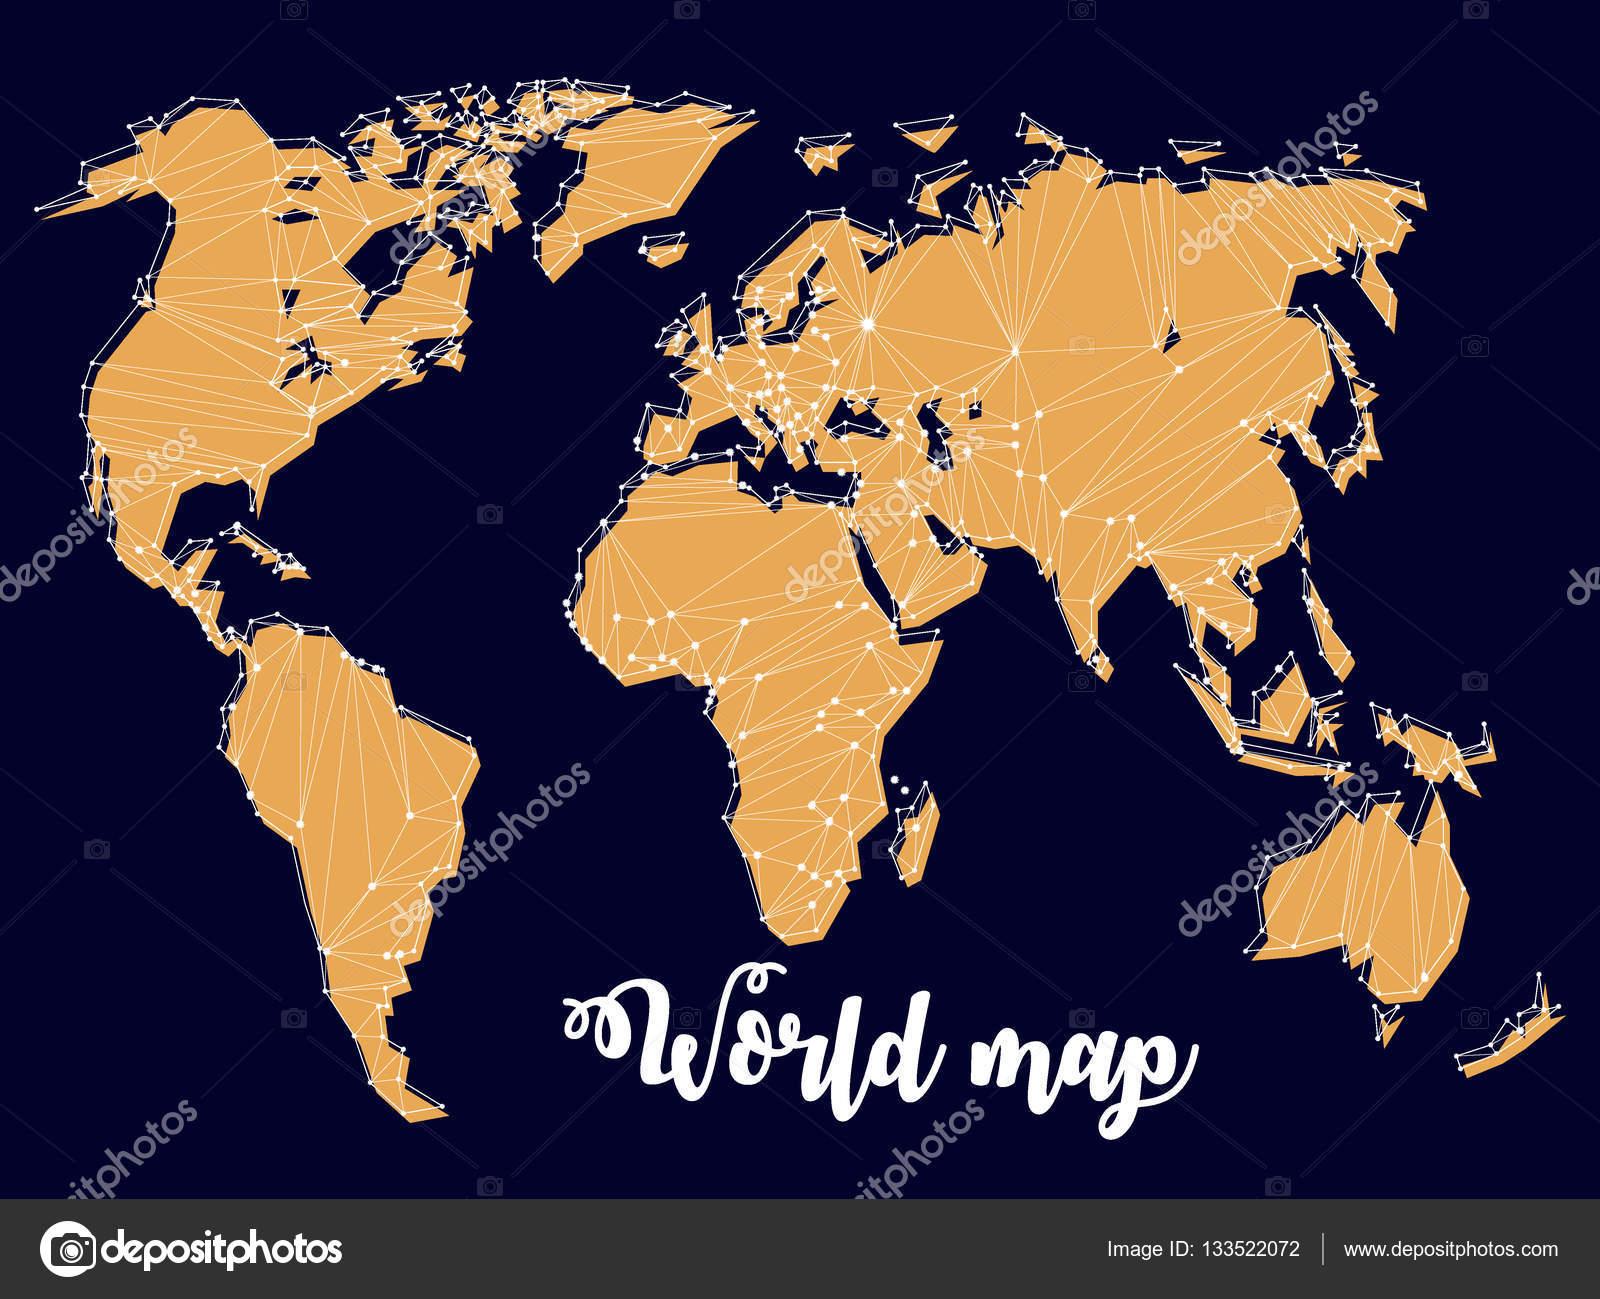 Constelacin mapamundi atlas comunicacin vector vector de constelacin mapamundi atlas comunicacin vector vector de irkast gumiabroncs Choice Image